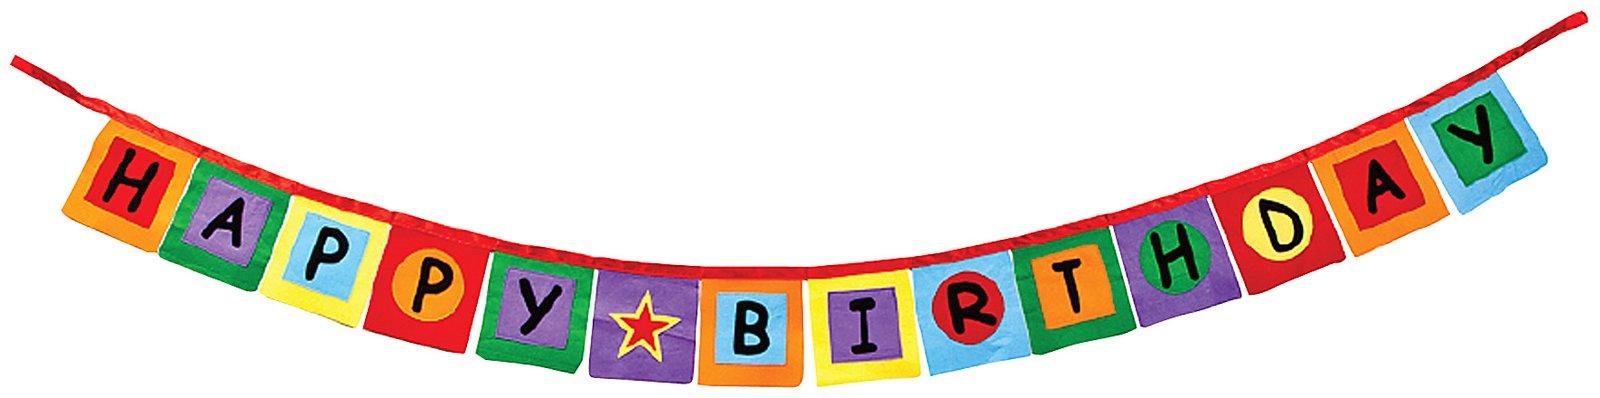 Happy Birthday Banner Clipart-happy birthday banner clipart-11